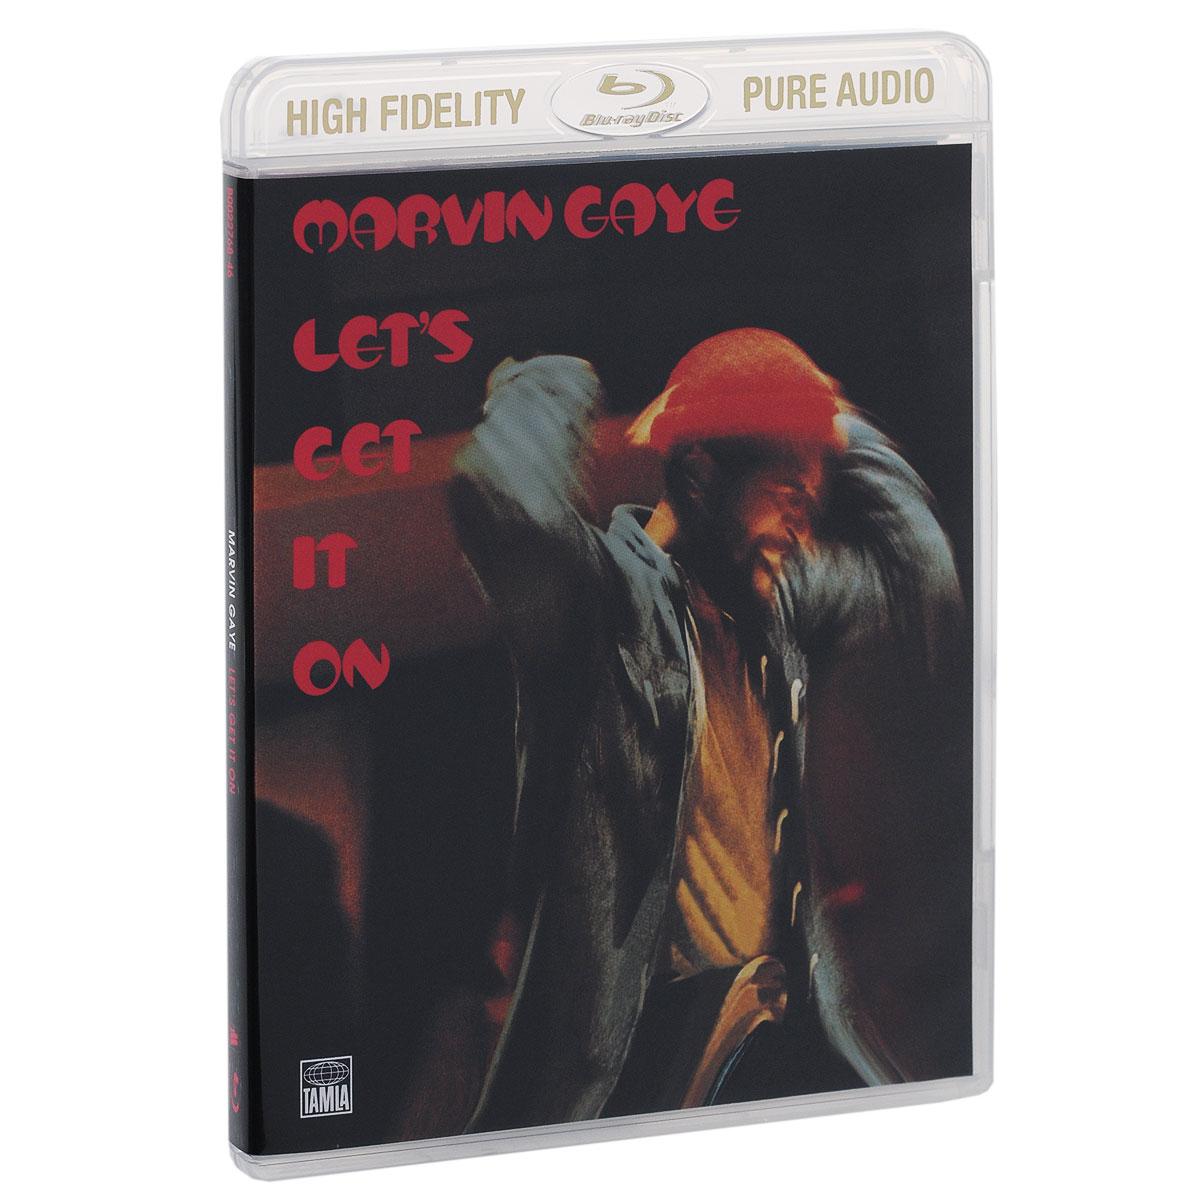 Издание содержит иллюстрированный 8-страничный буклет с дополнительной информацией на английском языке, а также секретный код для загрузки цифровой версии альбома.